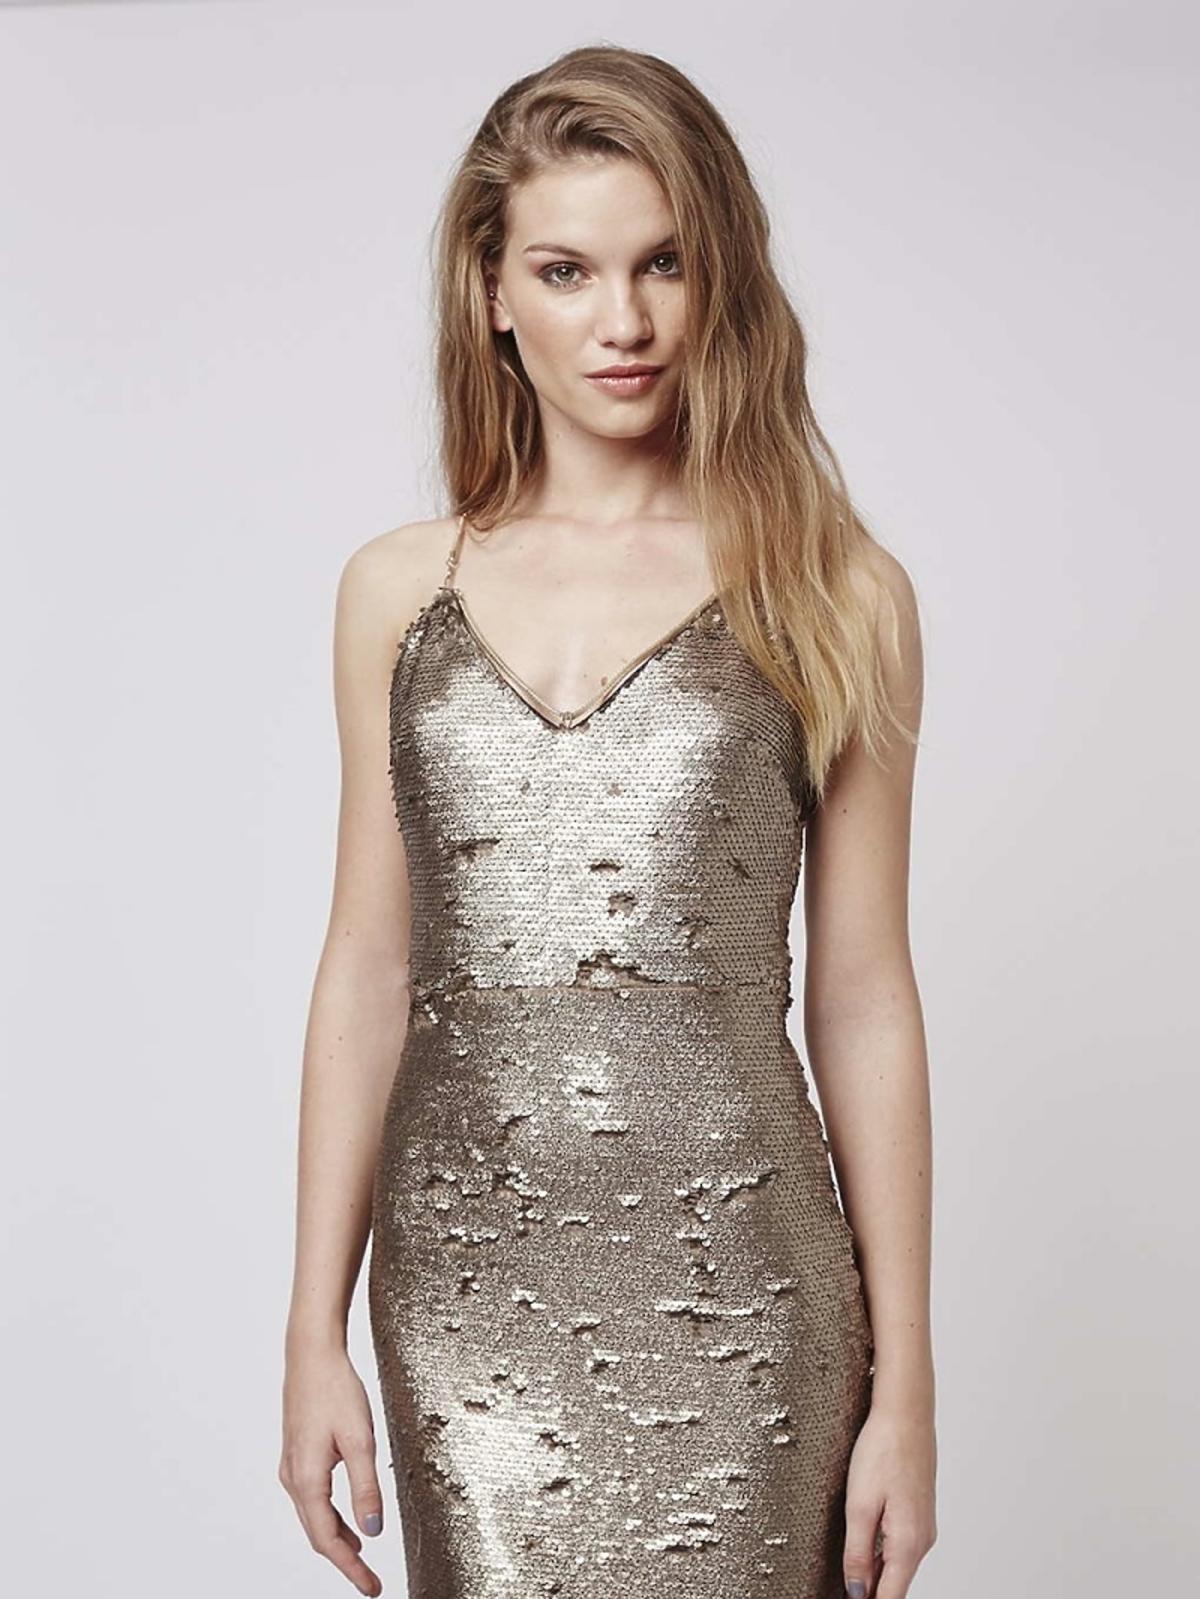 Sukienka z cekinów Topshop, ok. 200 zł (było: ok. 430 zł)